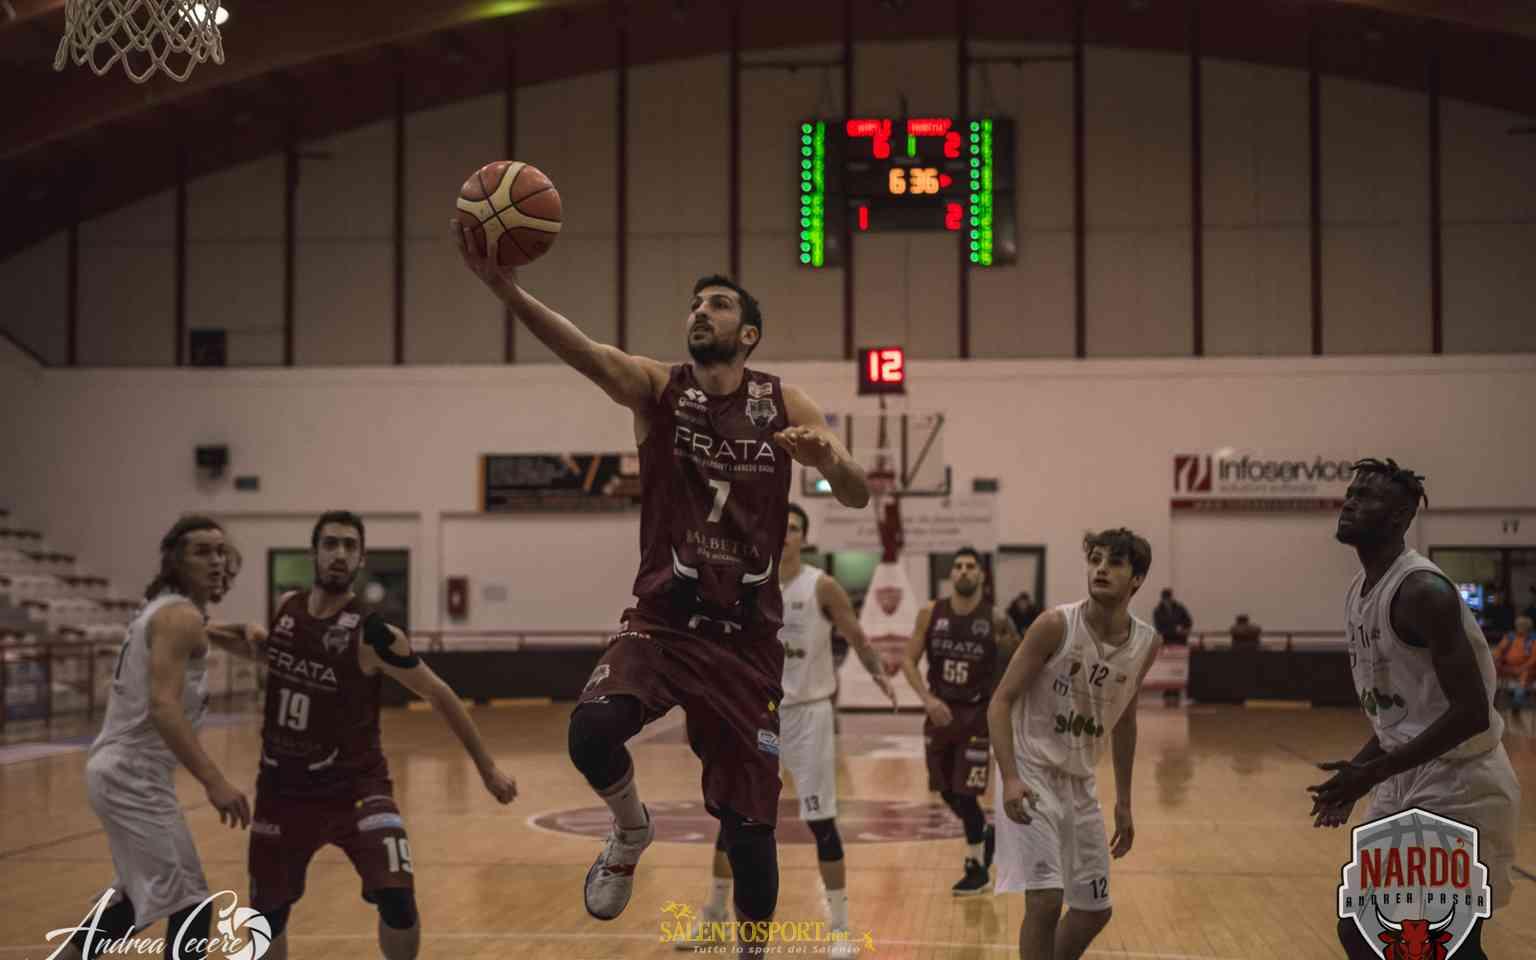 drigo-mathias-andrea-pasca-nardo-basket